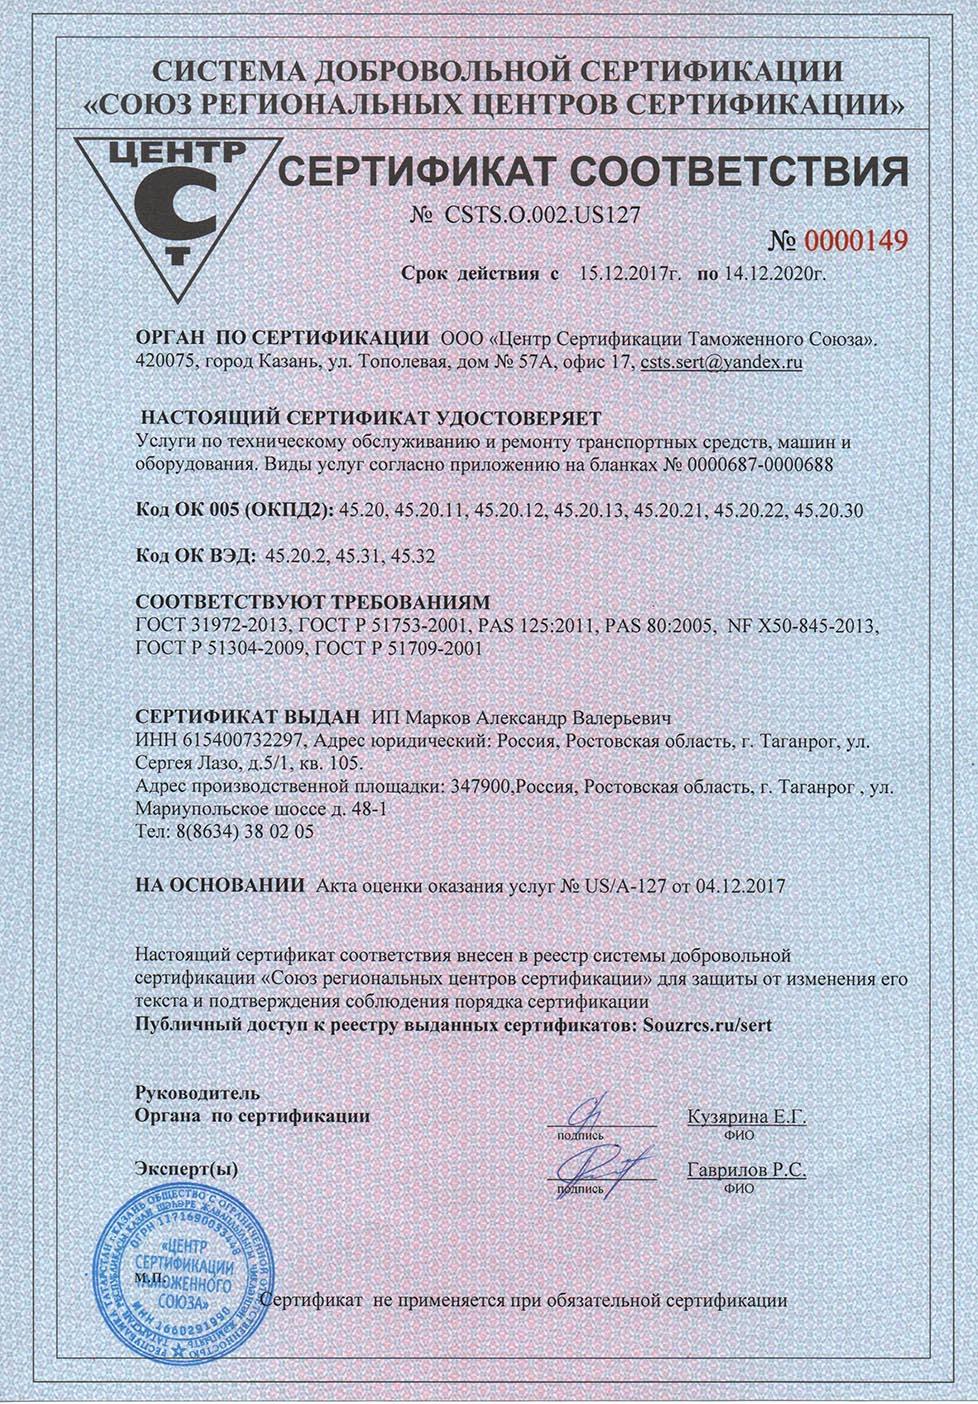 Сертификат Авторосс1